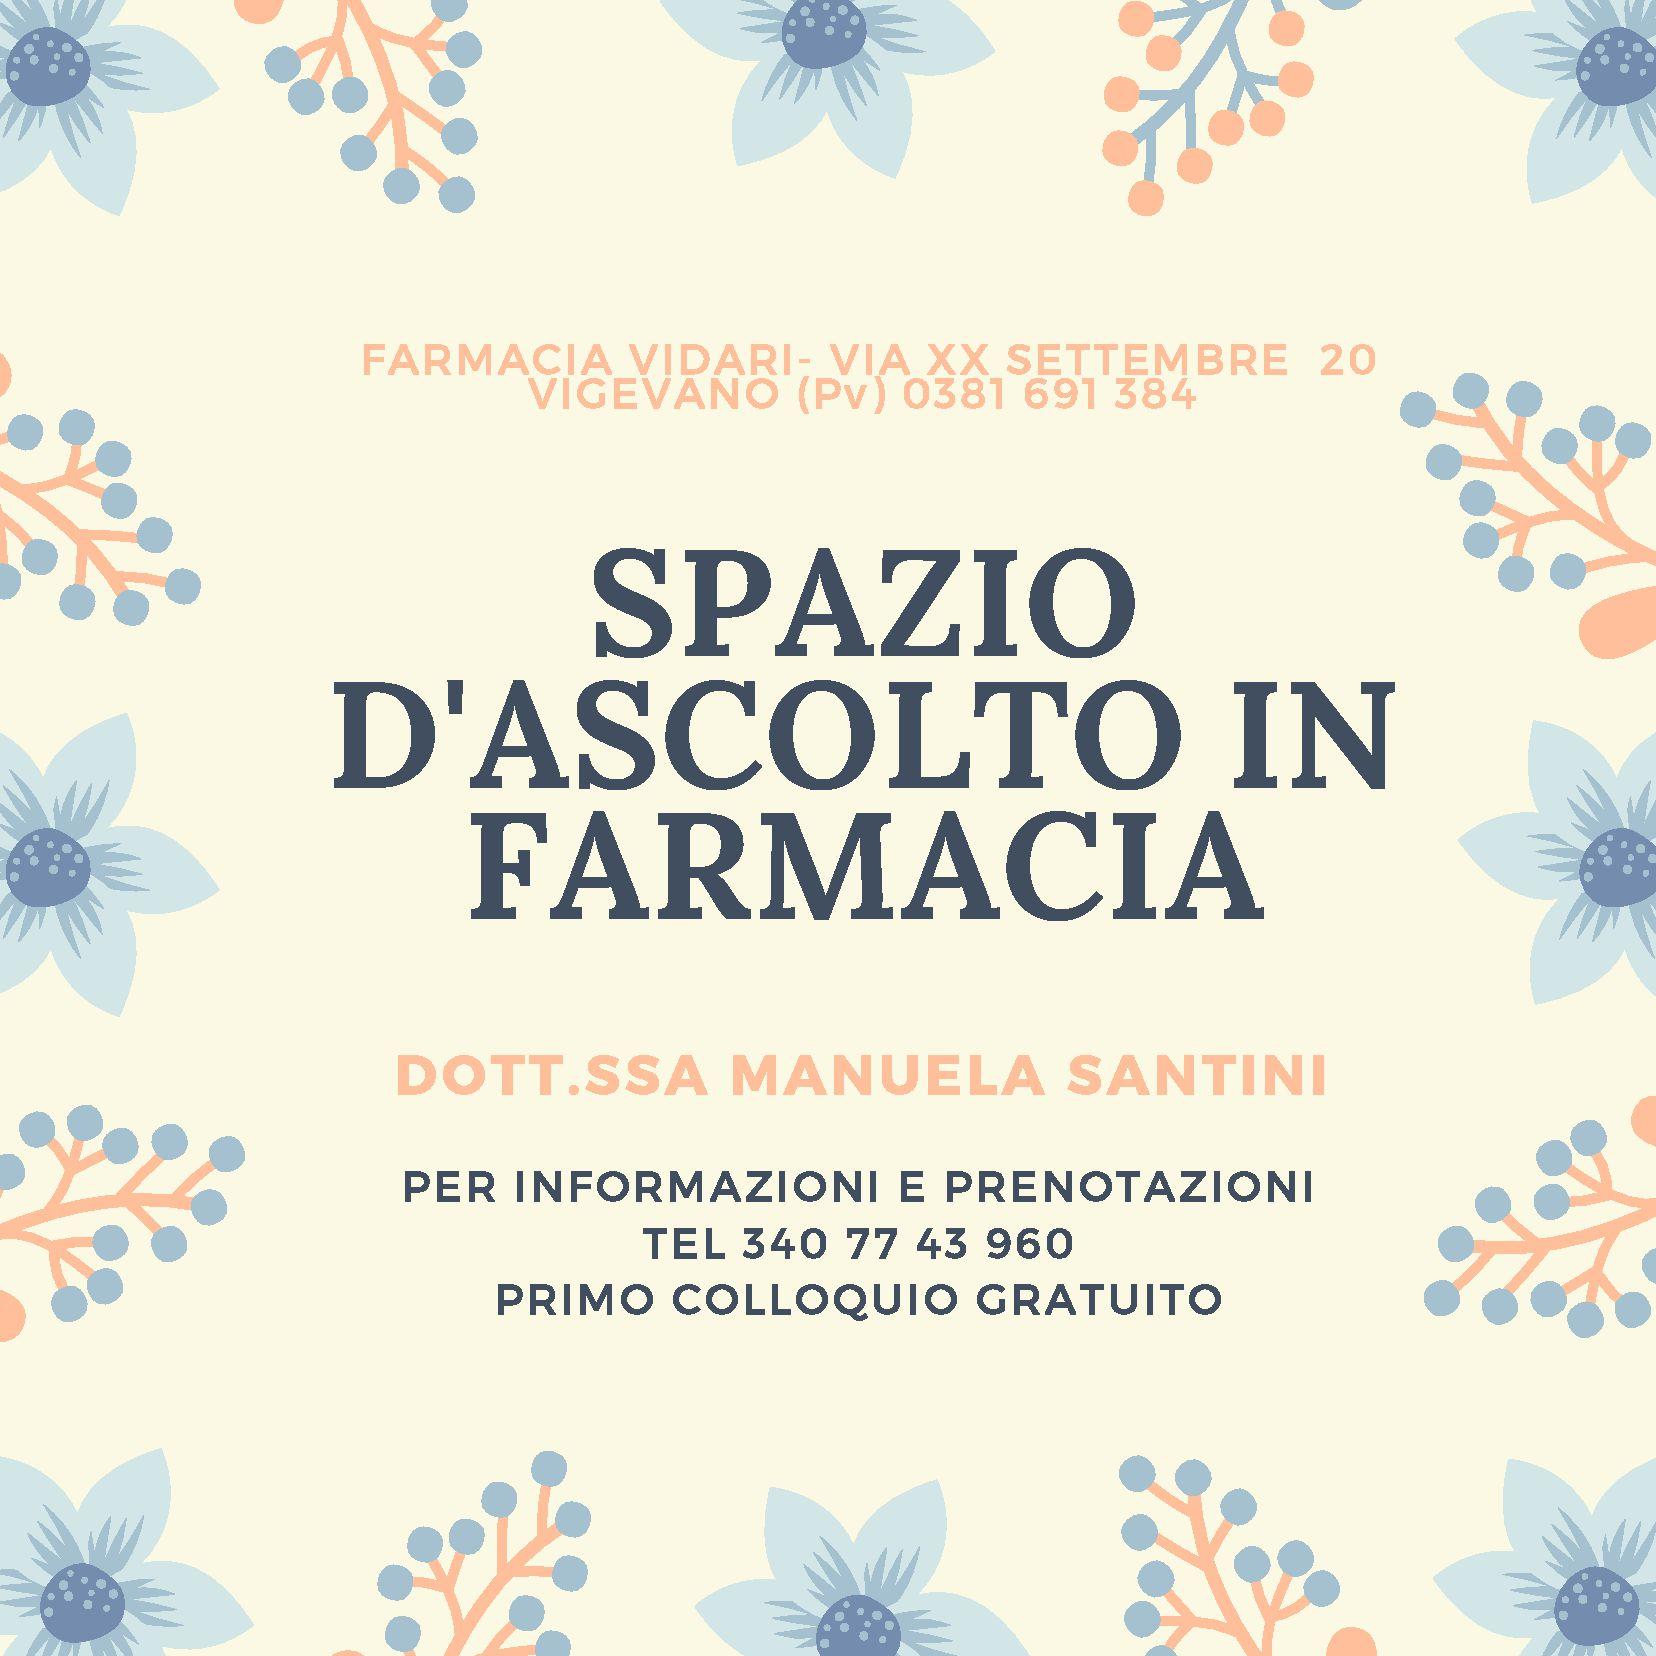 Collaborazione con la farmacia Vidari di Vigevano